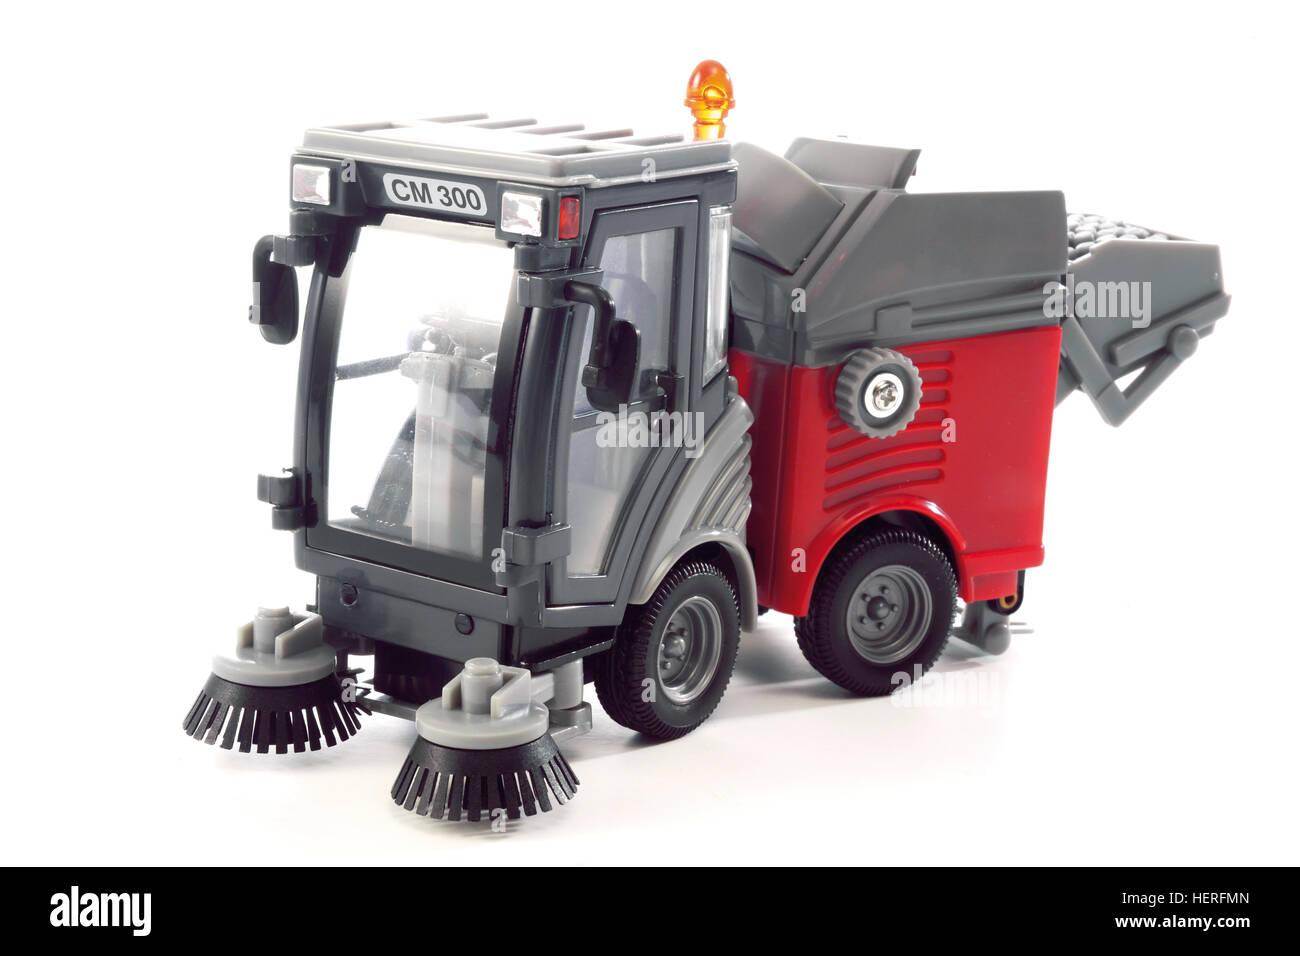 street sweeper inside stockfotos & street sweeper inside bilder - alamy